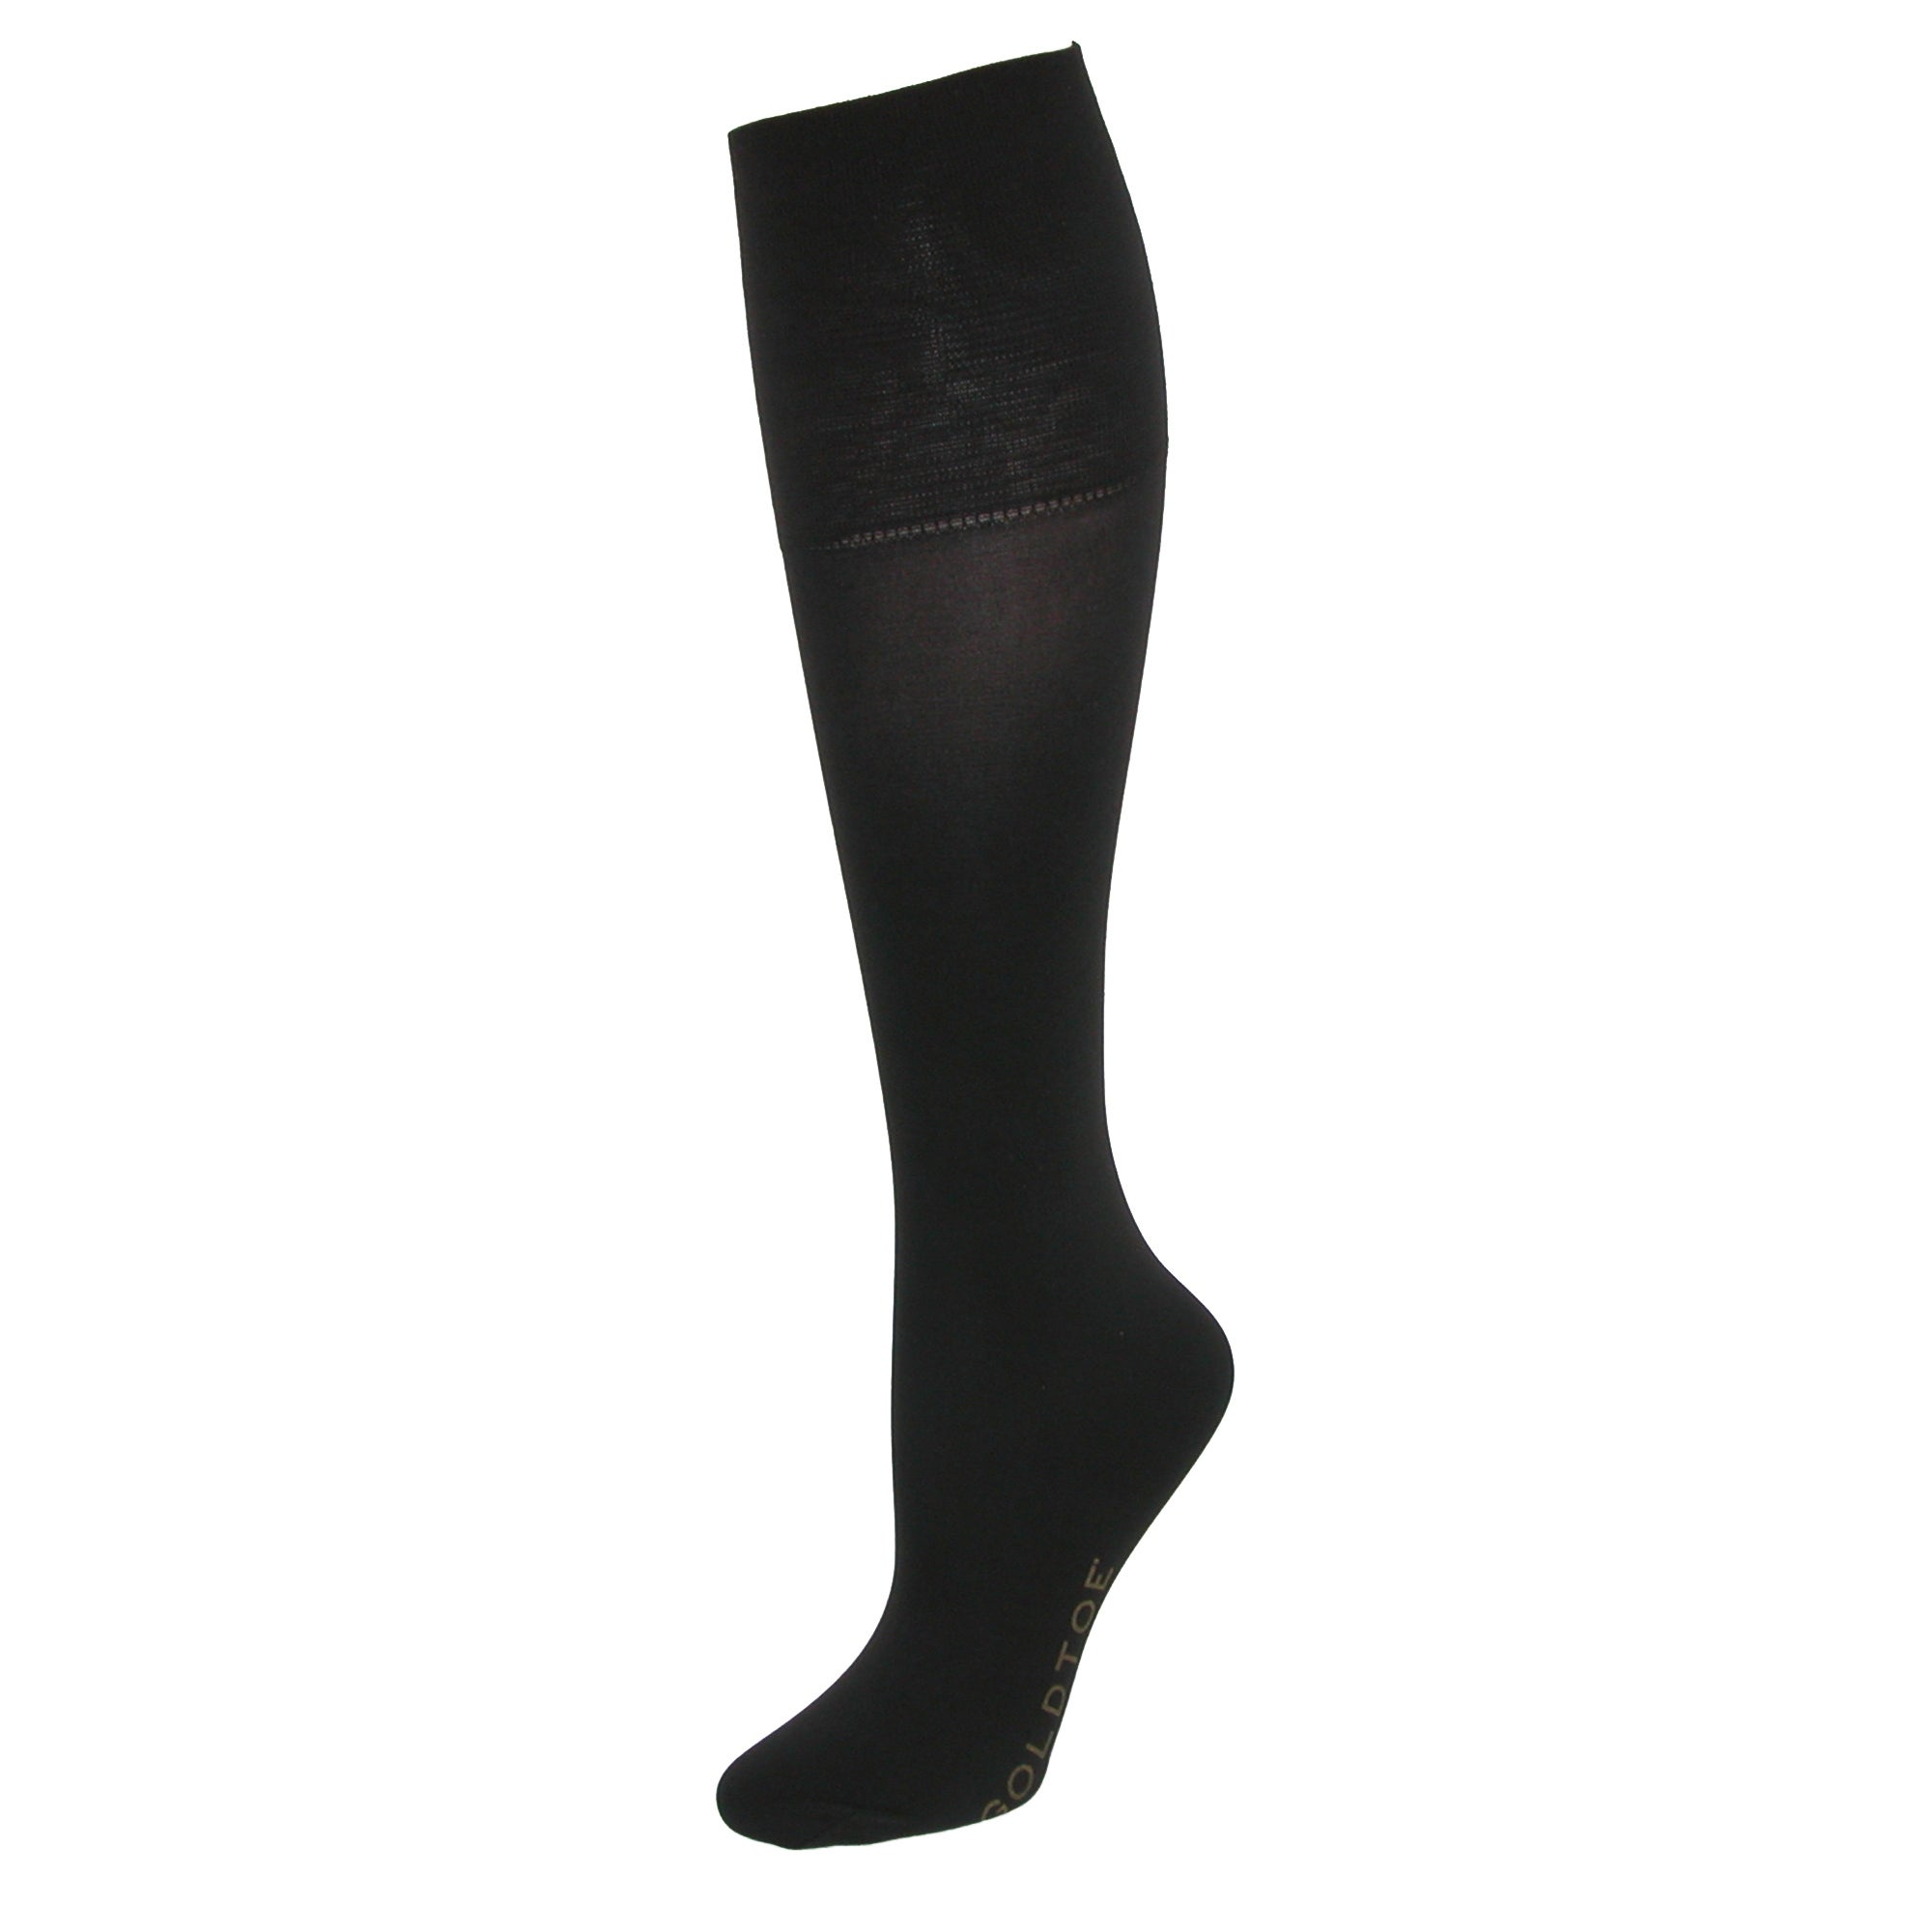 Victoria/'s Secret PINK 3 Pack Gift Set Knee High Tube Socks Green White Black